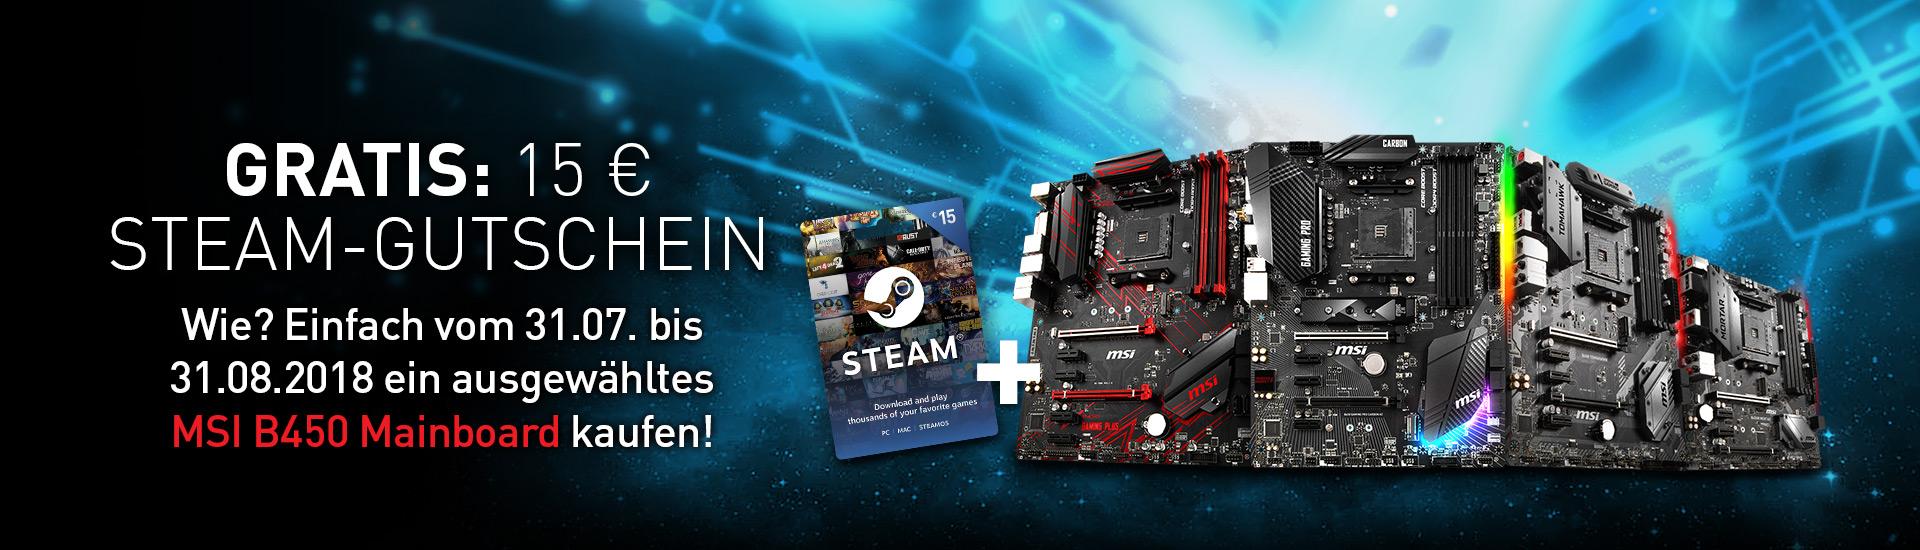 AMD B450 + Steam Gutschein